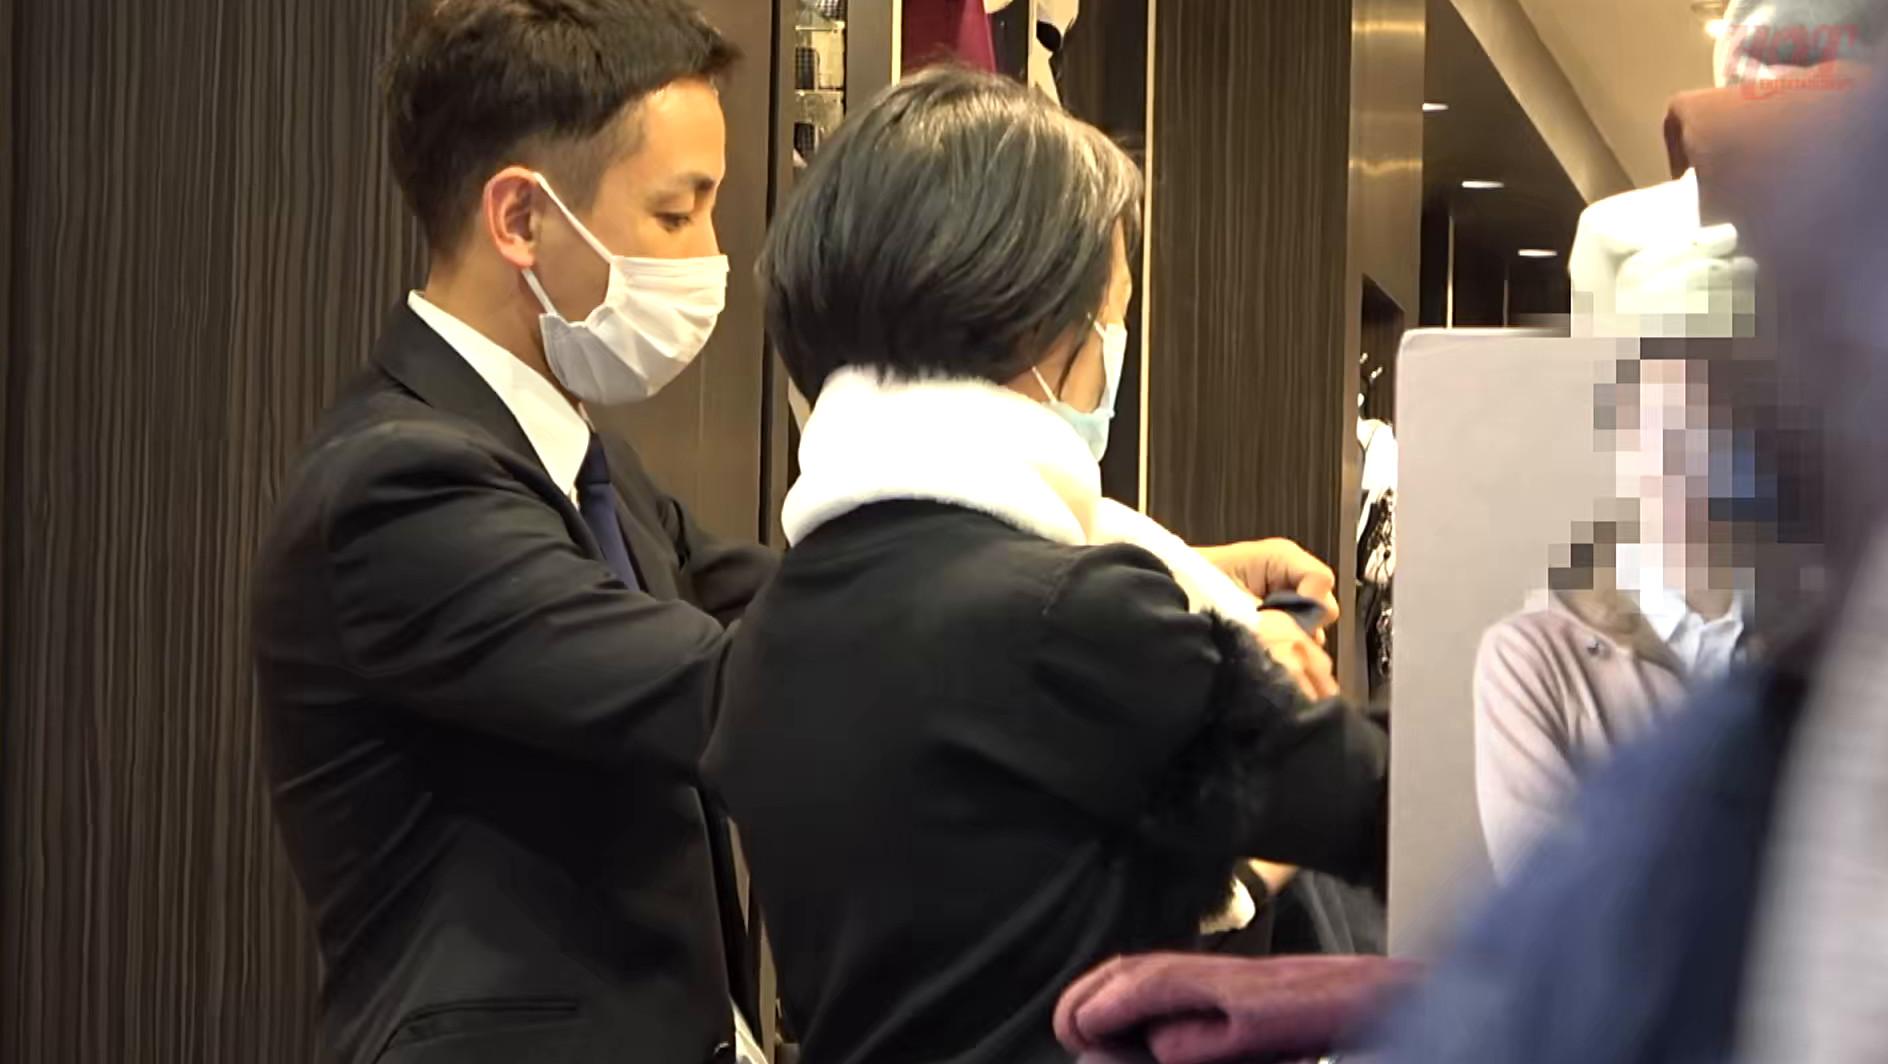 素敵な婦人 息子に会いに上京したはずなのに・・・イケメンナンパ師のテクにメロメロ 光代さん49歳 画像4